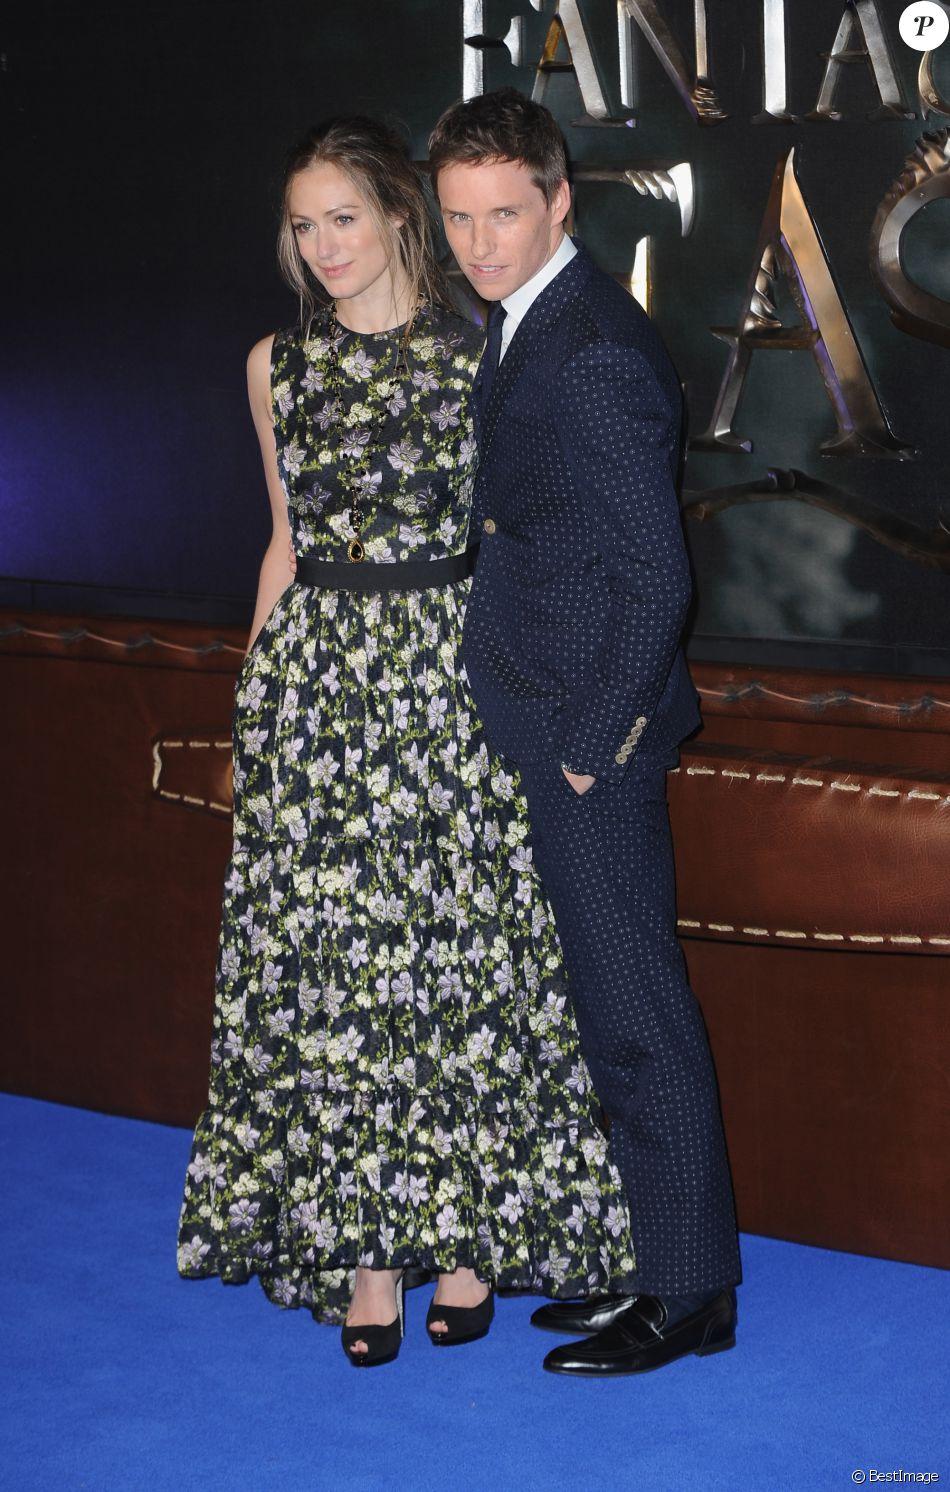 Eddie Redmayne et sa femme Hannah Bagshawe à la première de 'Fantastic Beasts And Where To Find Them' à Londres, le 15 novembre 2016 © Ferdaus Shamim via Zuma/Bestimage